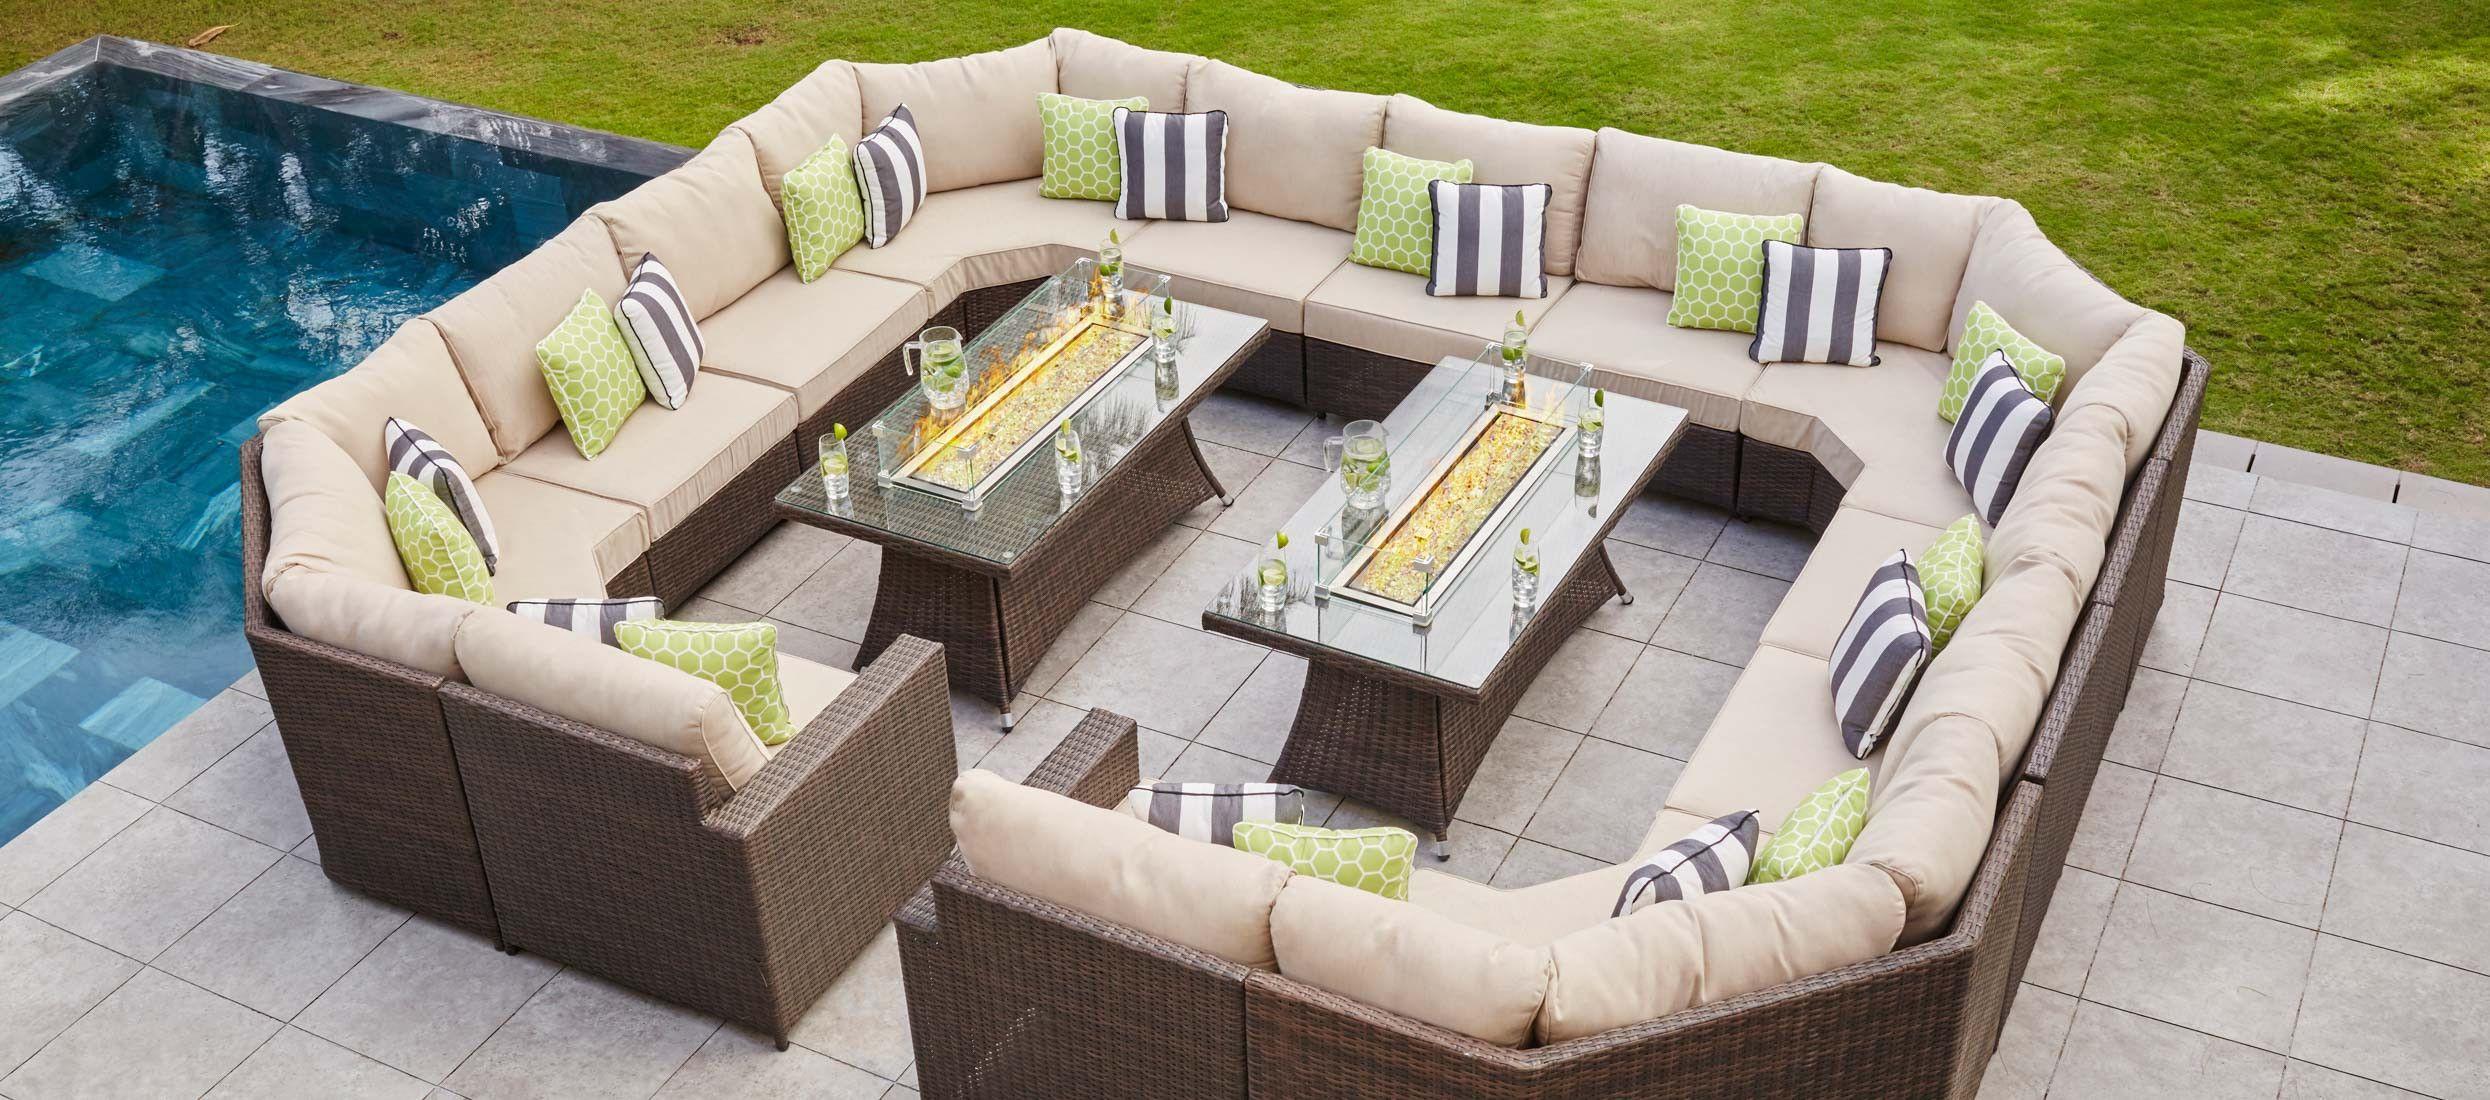 Halo 6E - U Shaped Angled Sofa With 2 x Gas Fire Pit ...